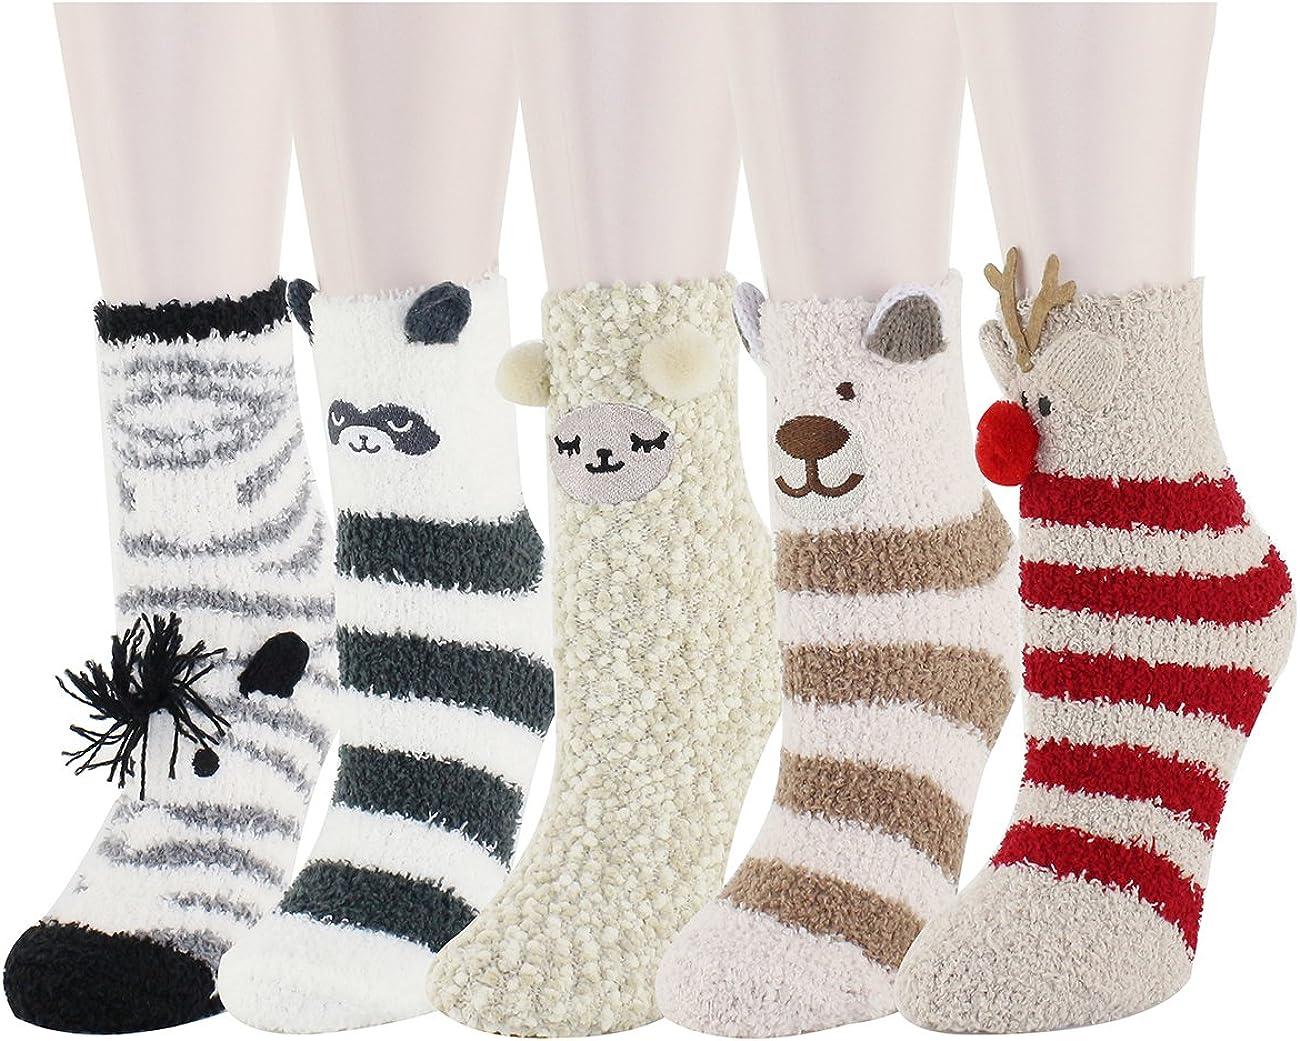 Zmart Fuzzy Socks for Women Girls Colorful Indoors Animal Slipper Socks